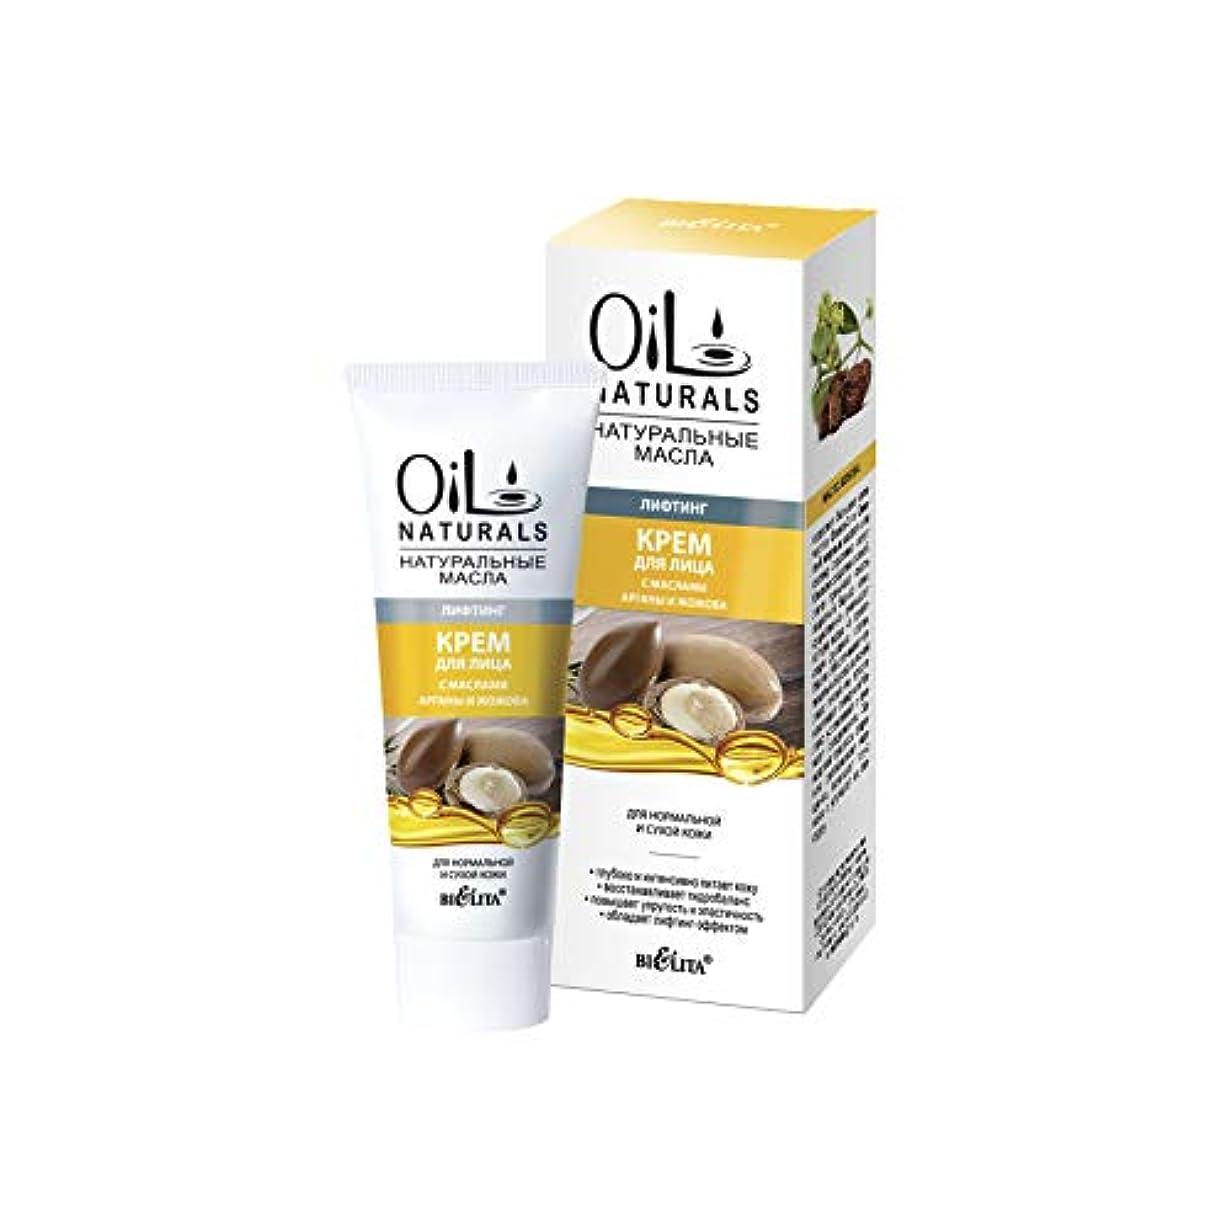 海岸弾性直立Bielita & Vitex | Argan Oil, Jojoba Oil Moisturising Cream for the Face 50ml | Intensive Moisturizer With Natural Cosmetic Oils for Normal and Dry Skin